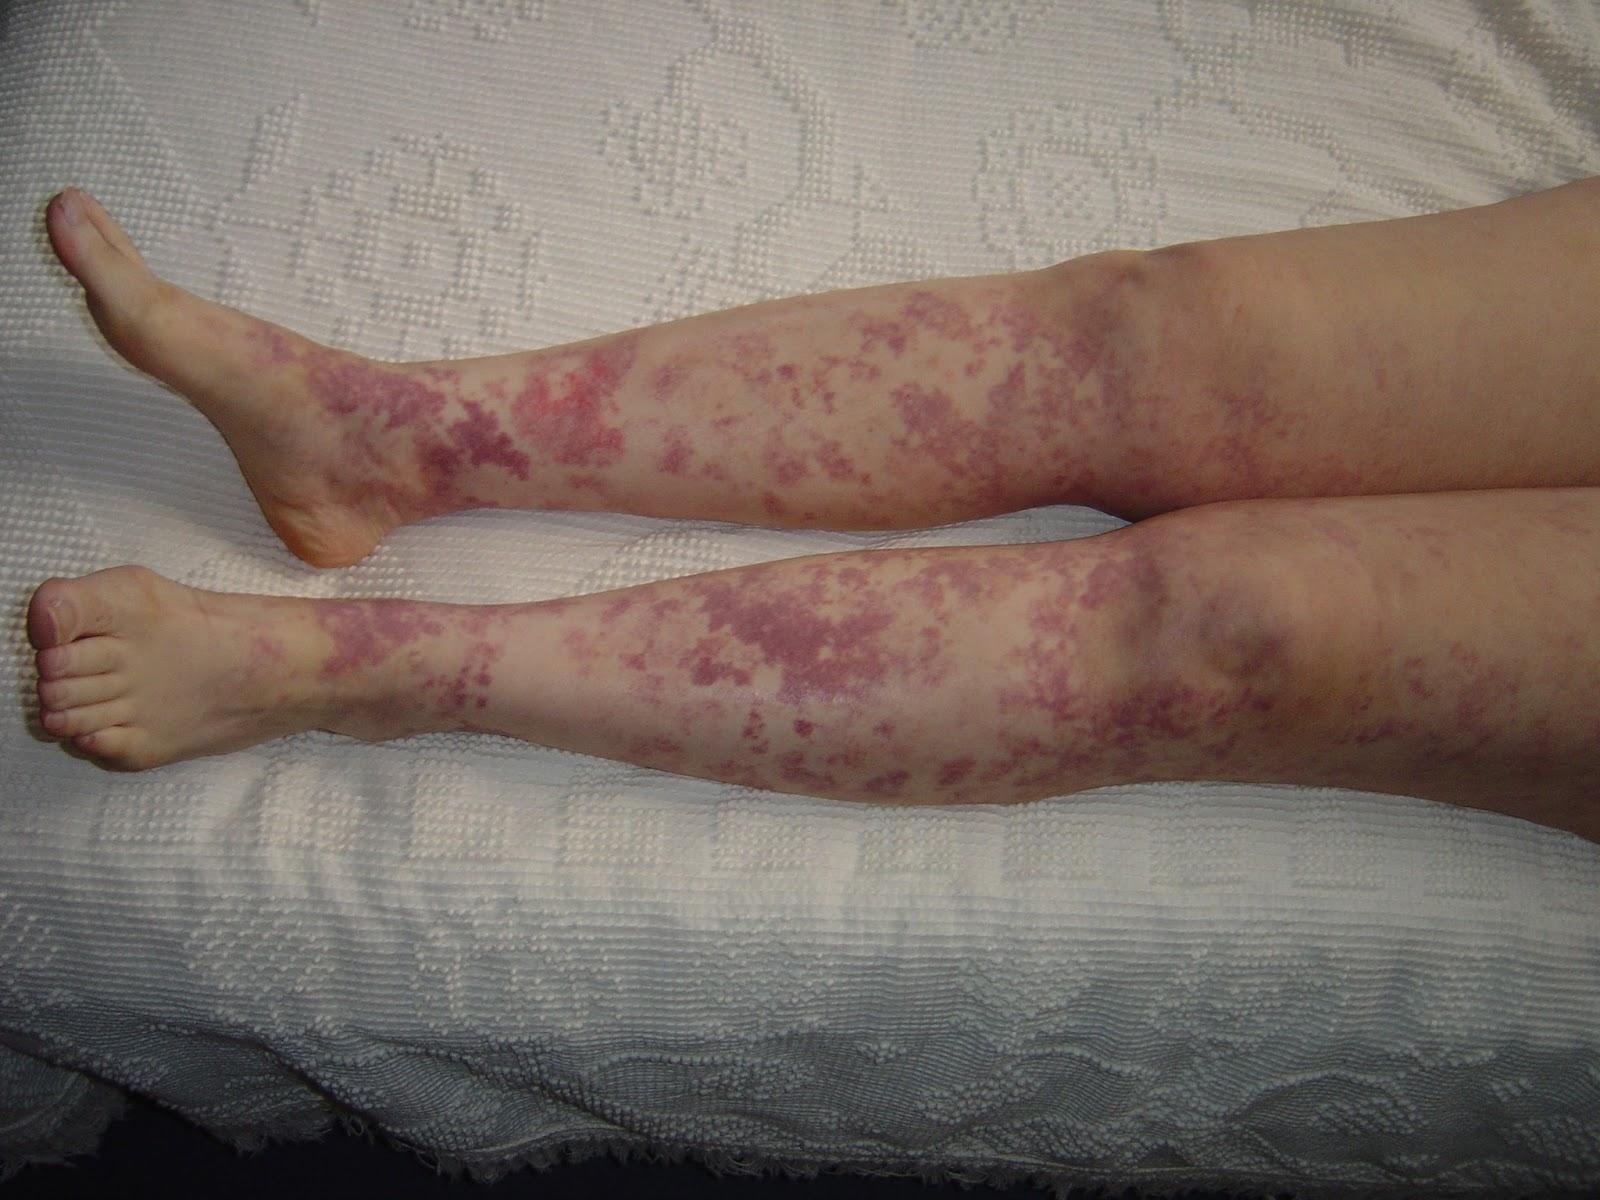 rash legs.jpeg